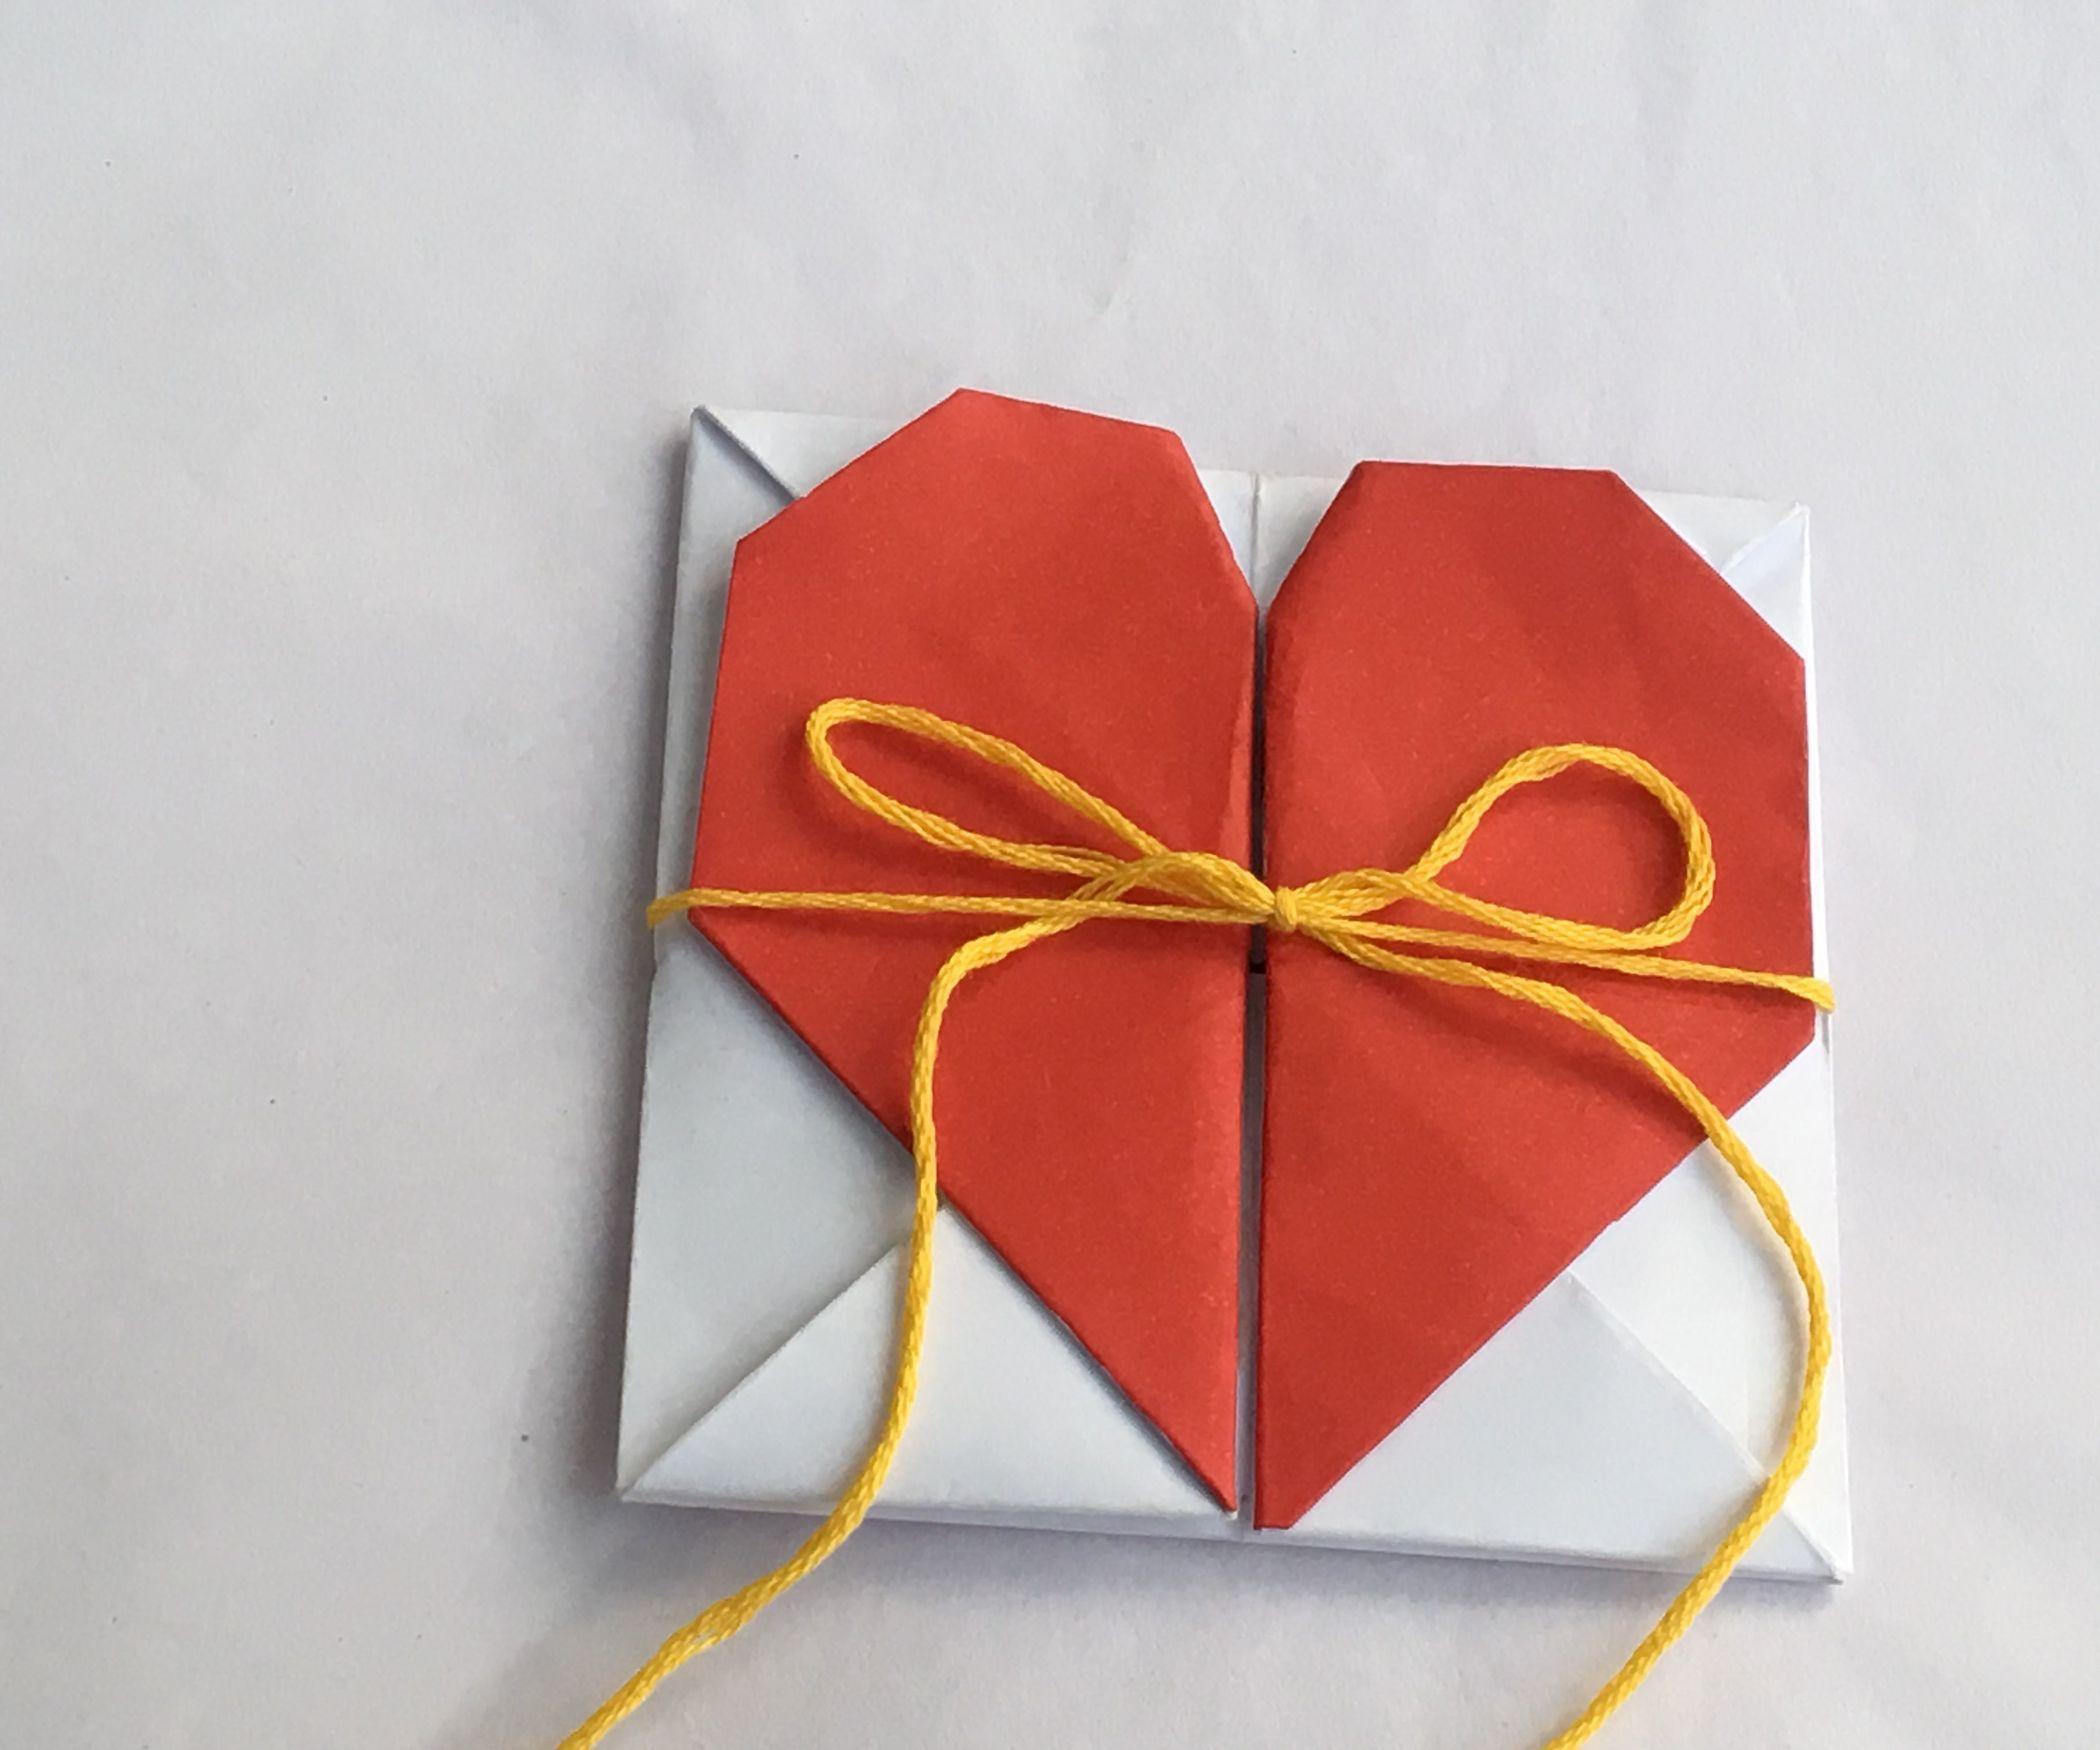 Оригами и открытки, надписями про политиков